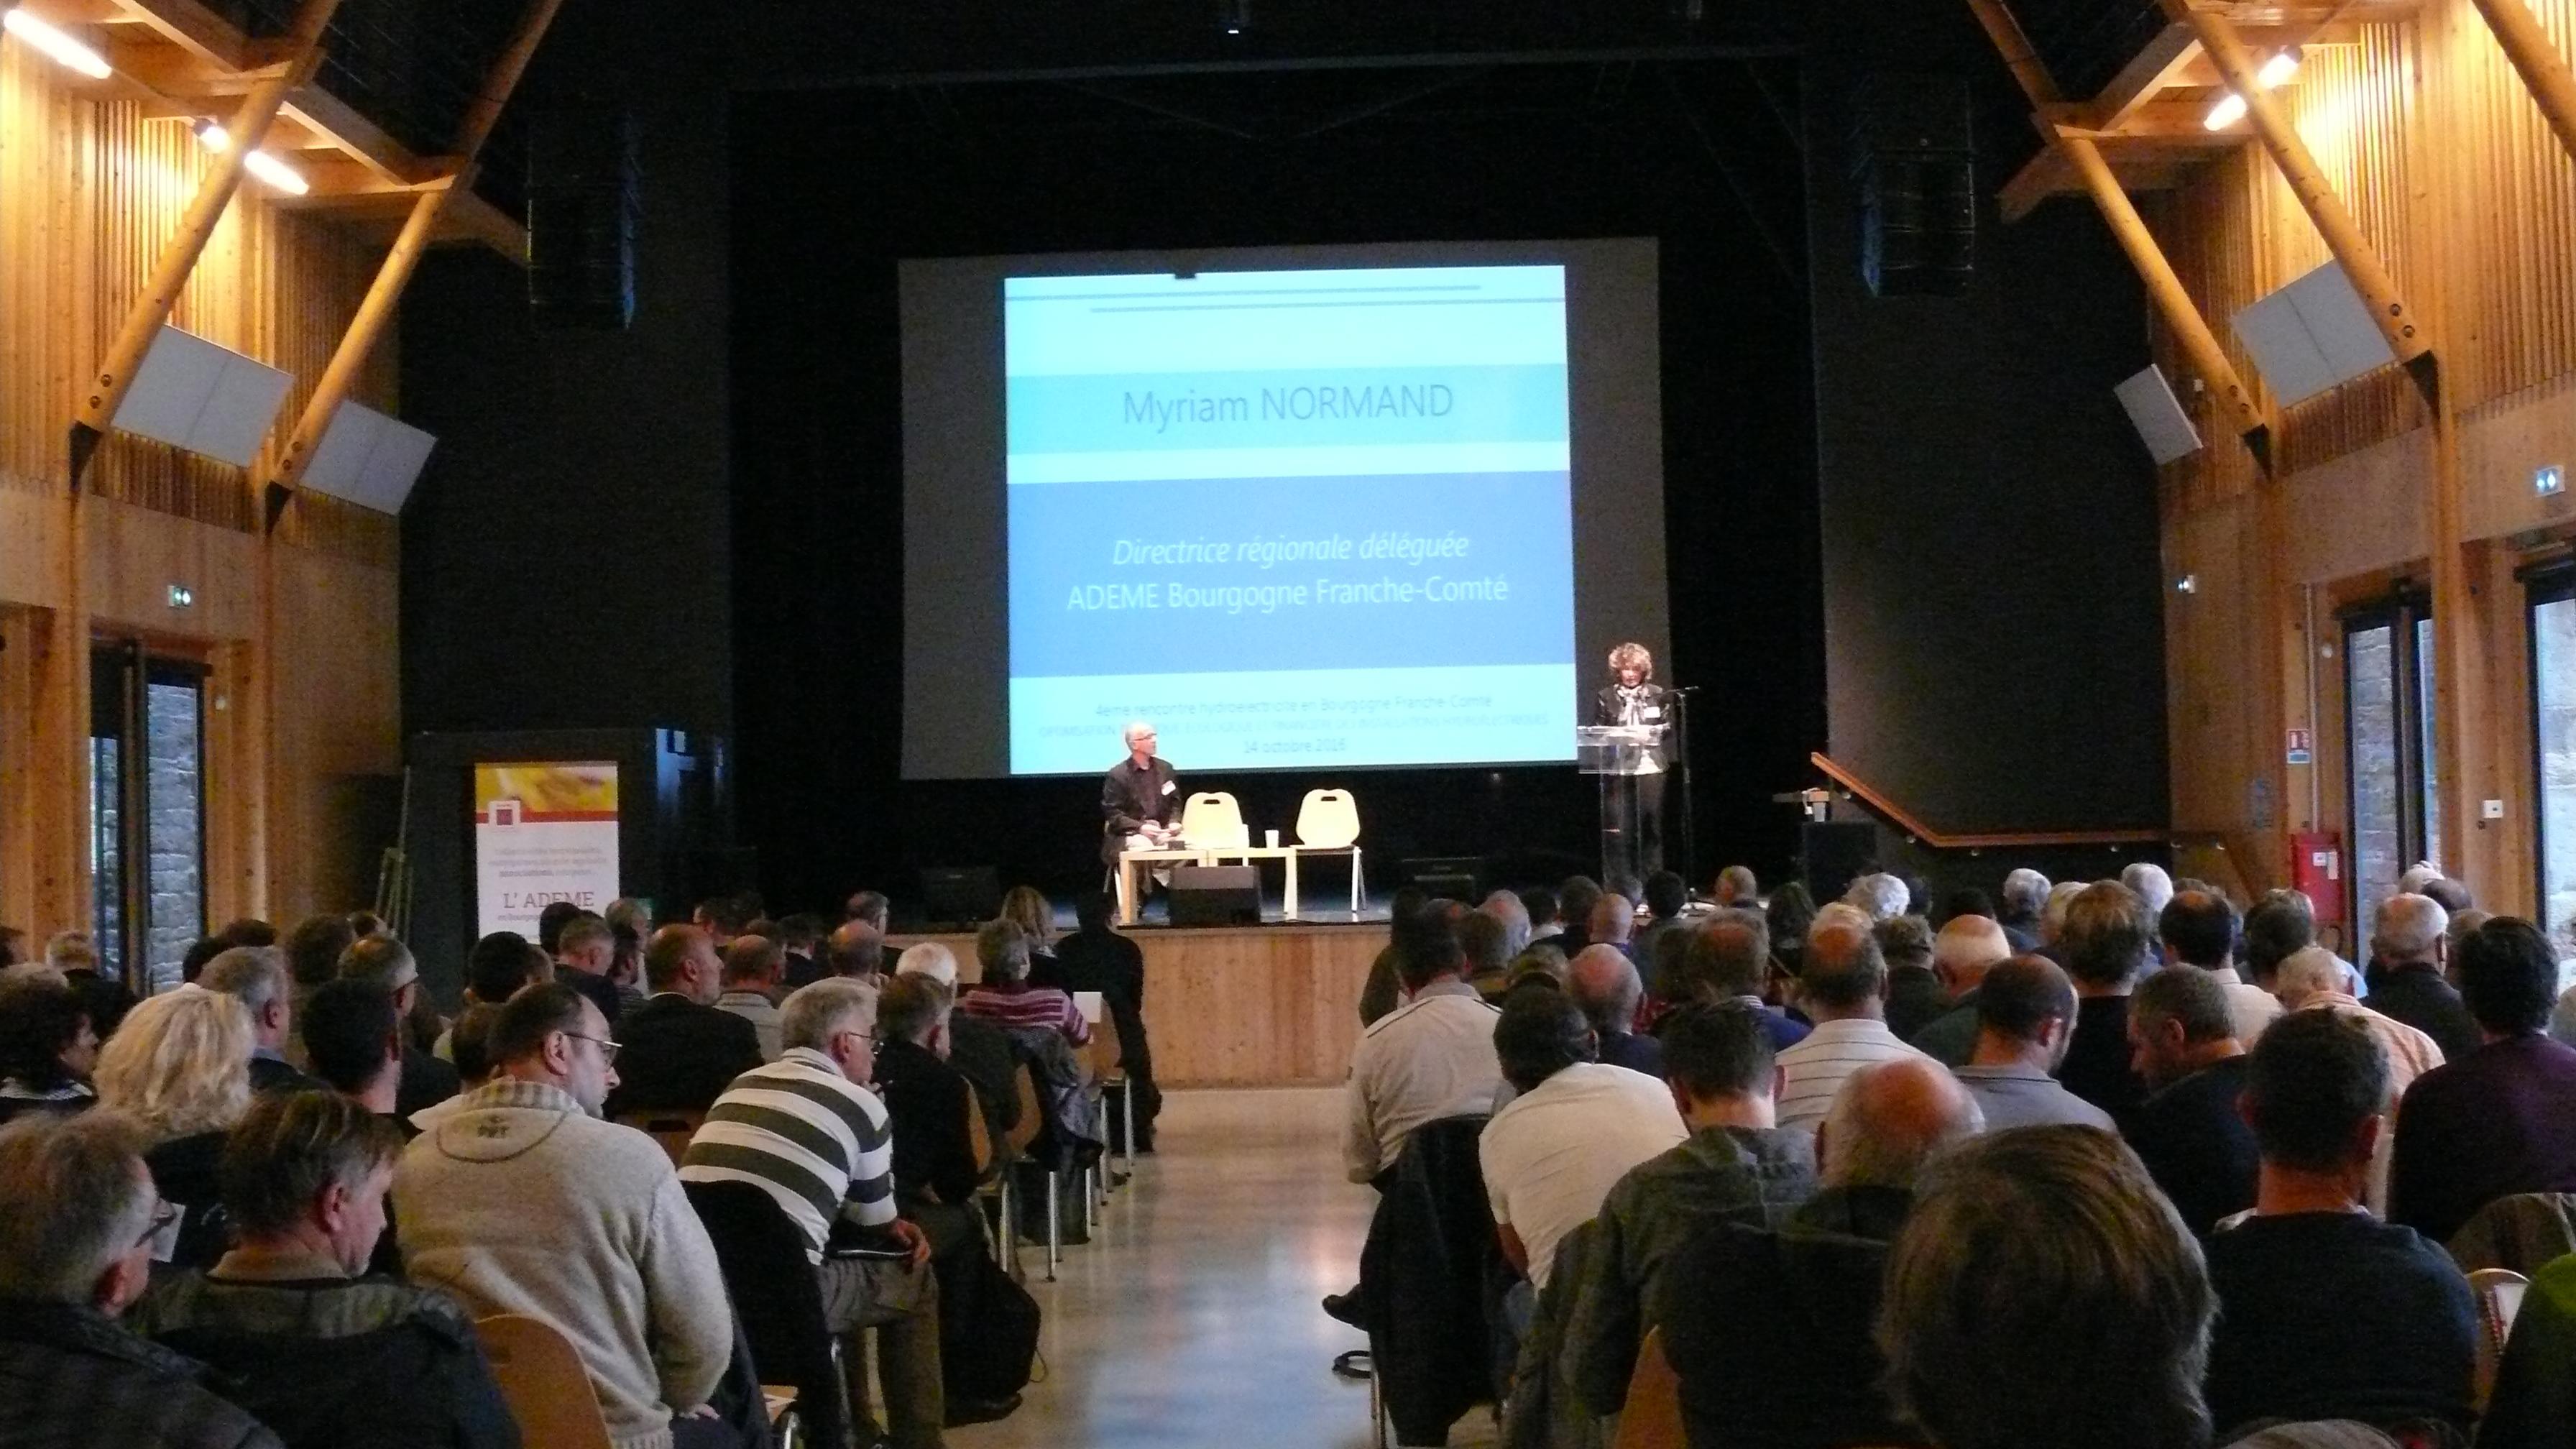 Matinée de présentation  4ème rencontre de l'hydroélectricité en Bourgogne - Franche-Comté